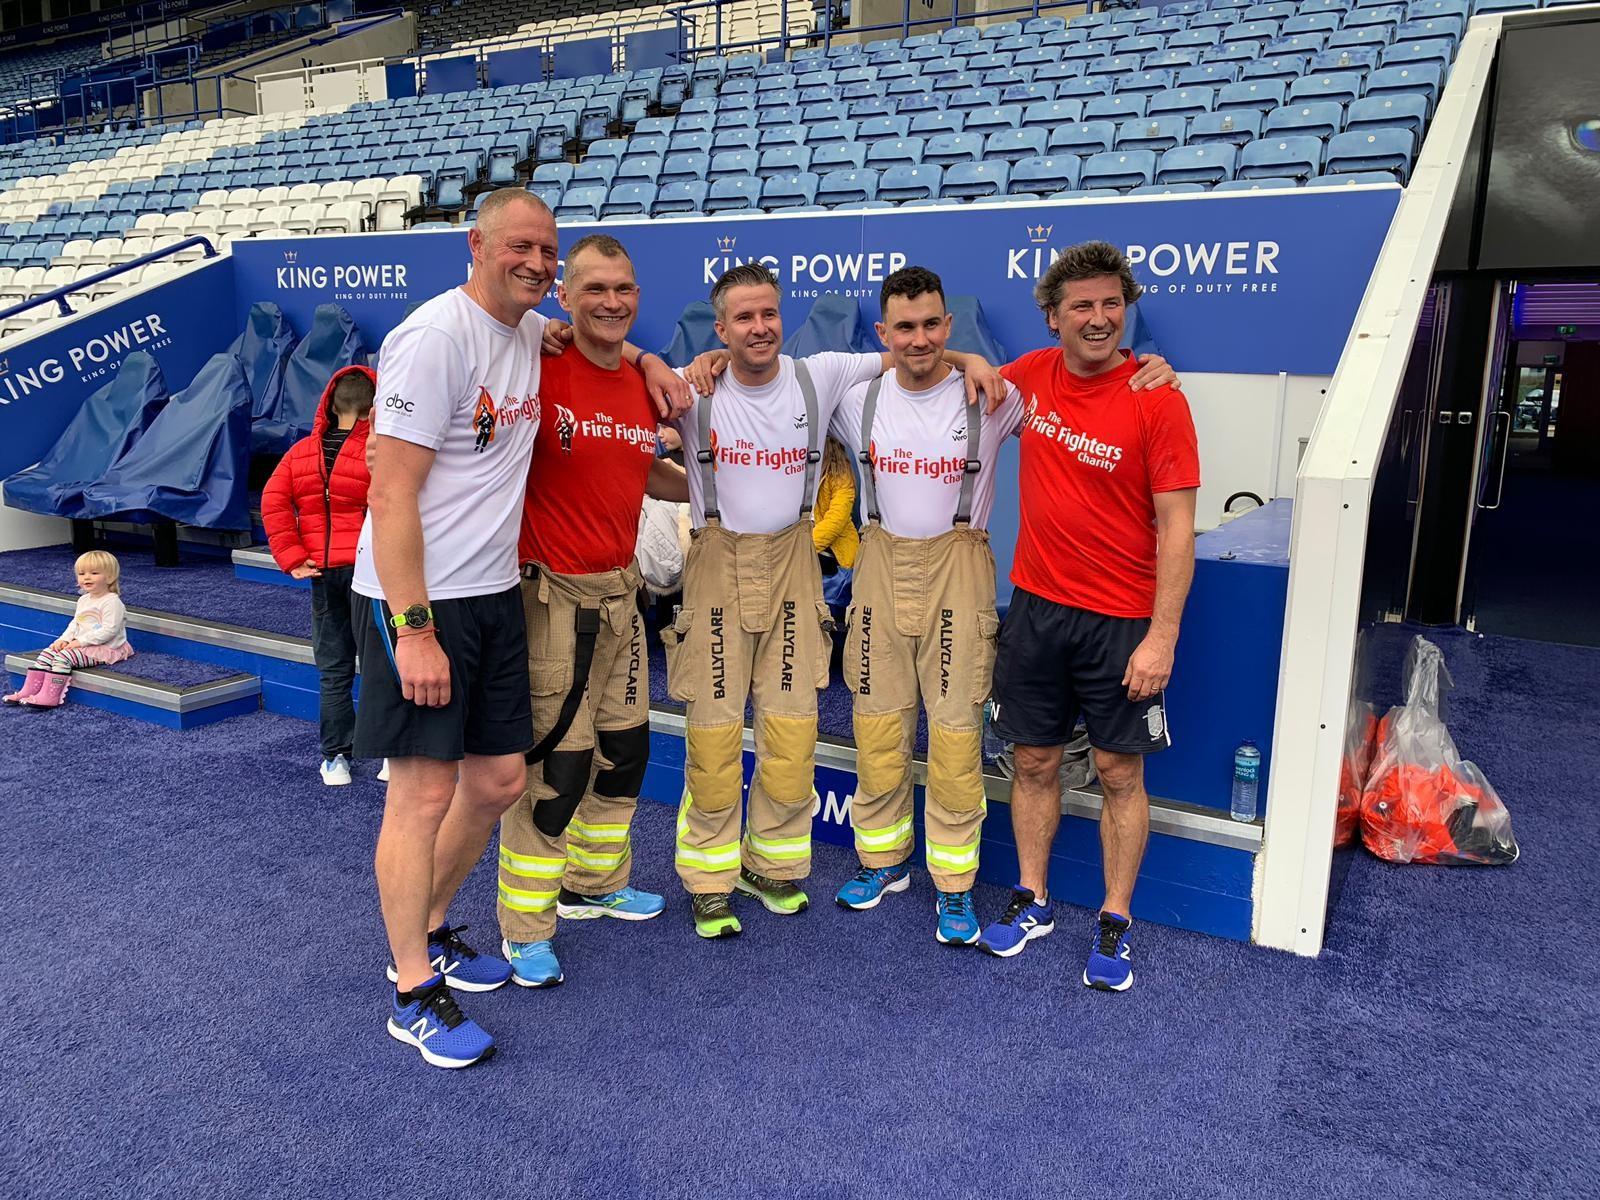 Leicester firefighters stadium run